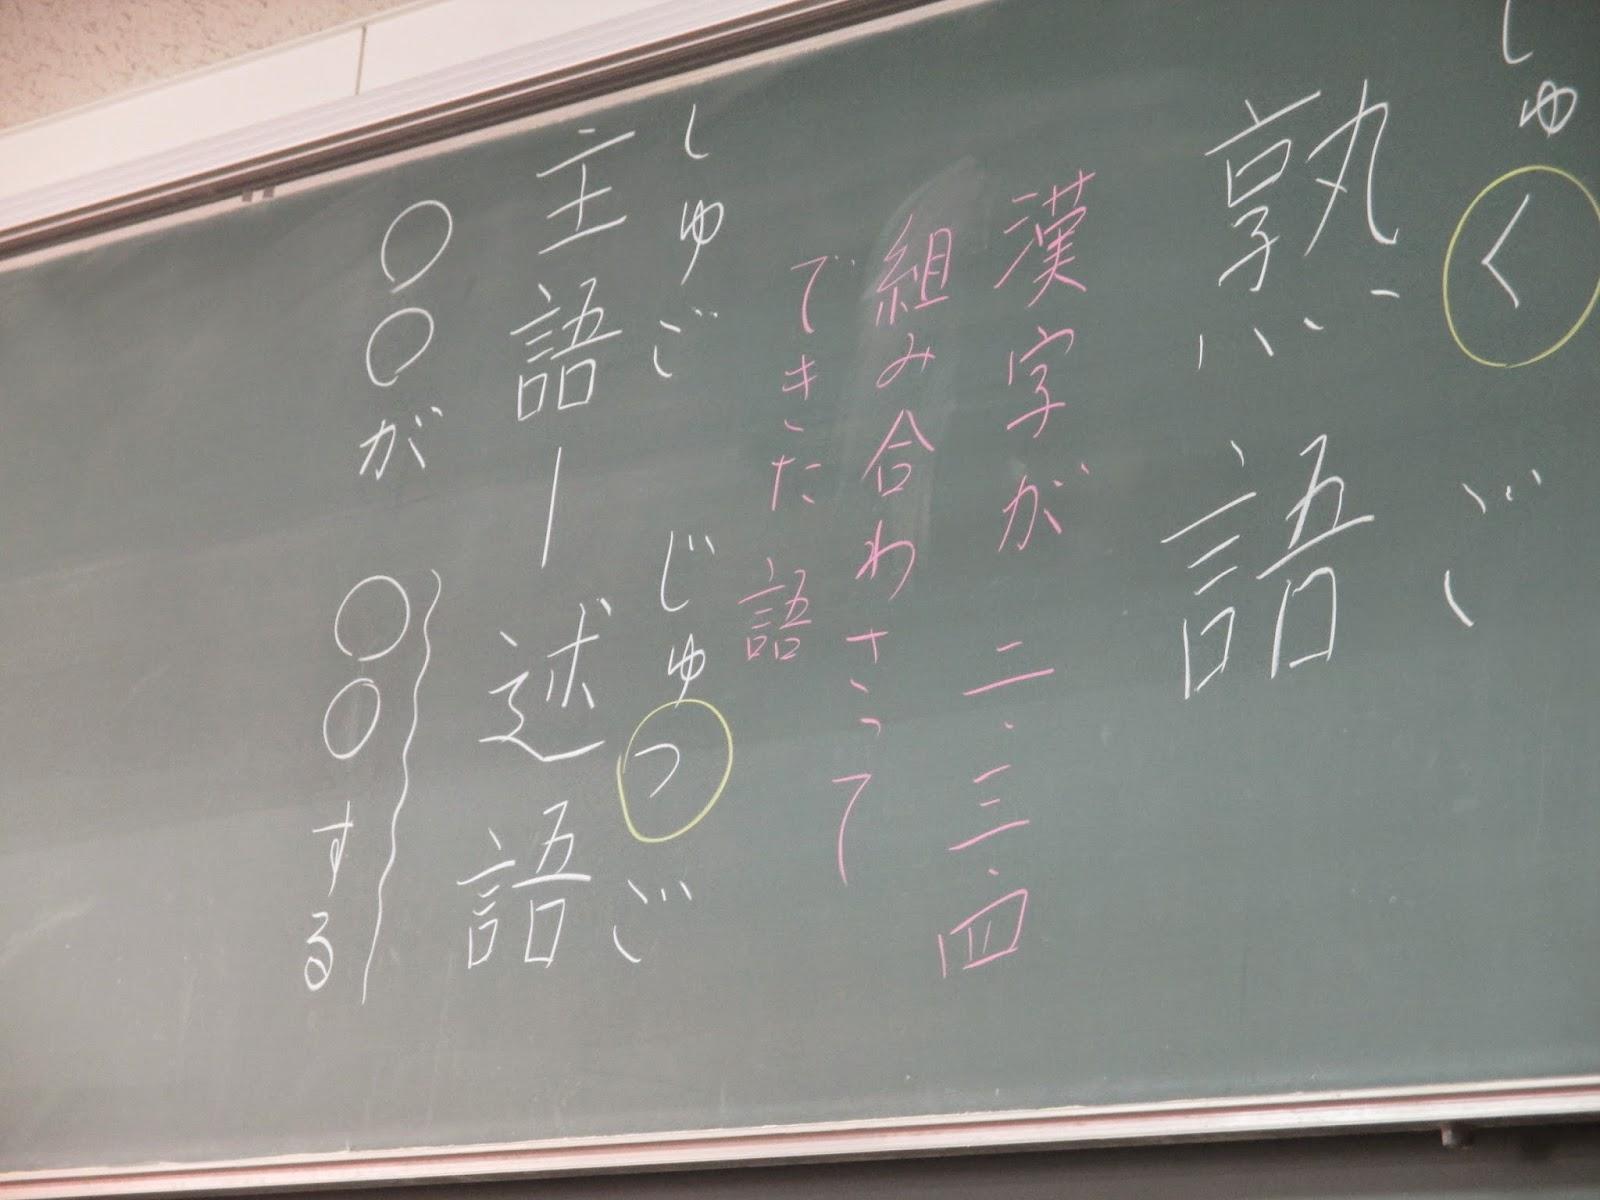 算数 算数 単位換算 : 今日は四字熟語について ...